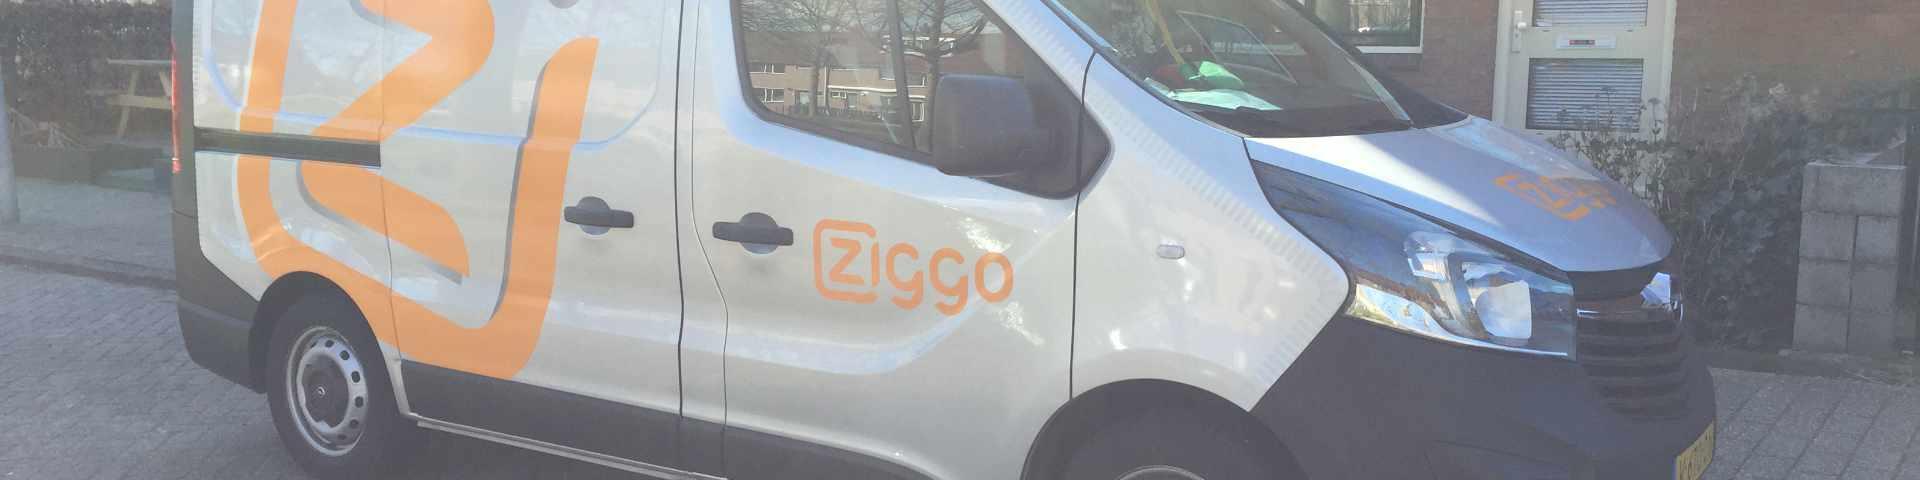 Ziggo rolt meer GigaNet uit